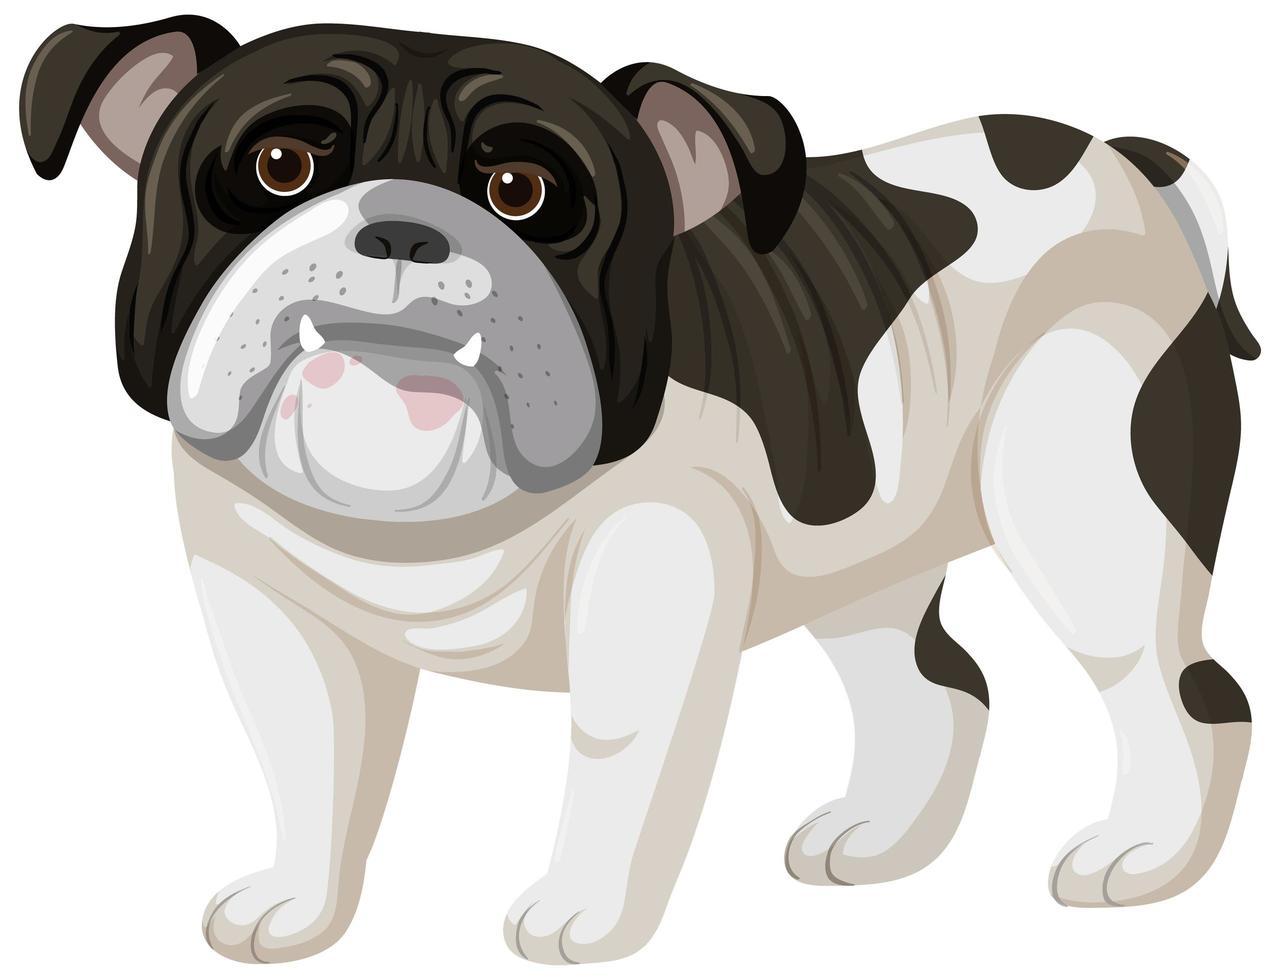 stile cartone animato boxer su sfondo bianco vettore